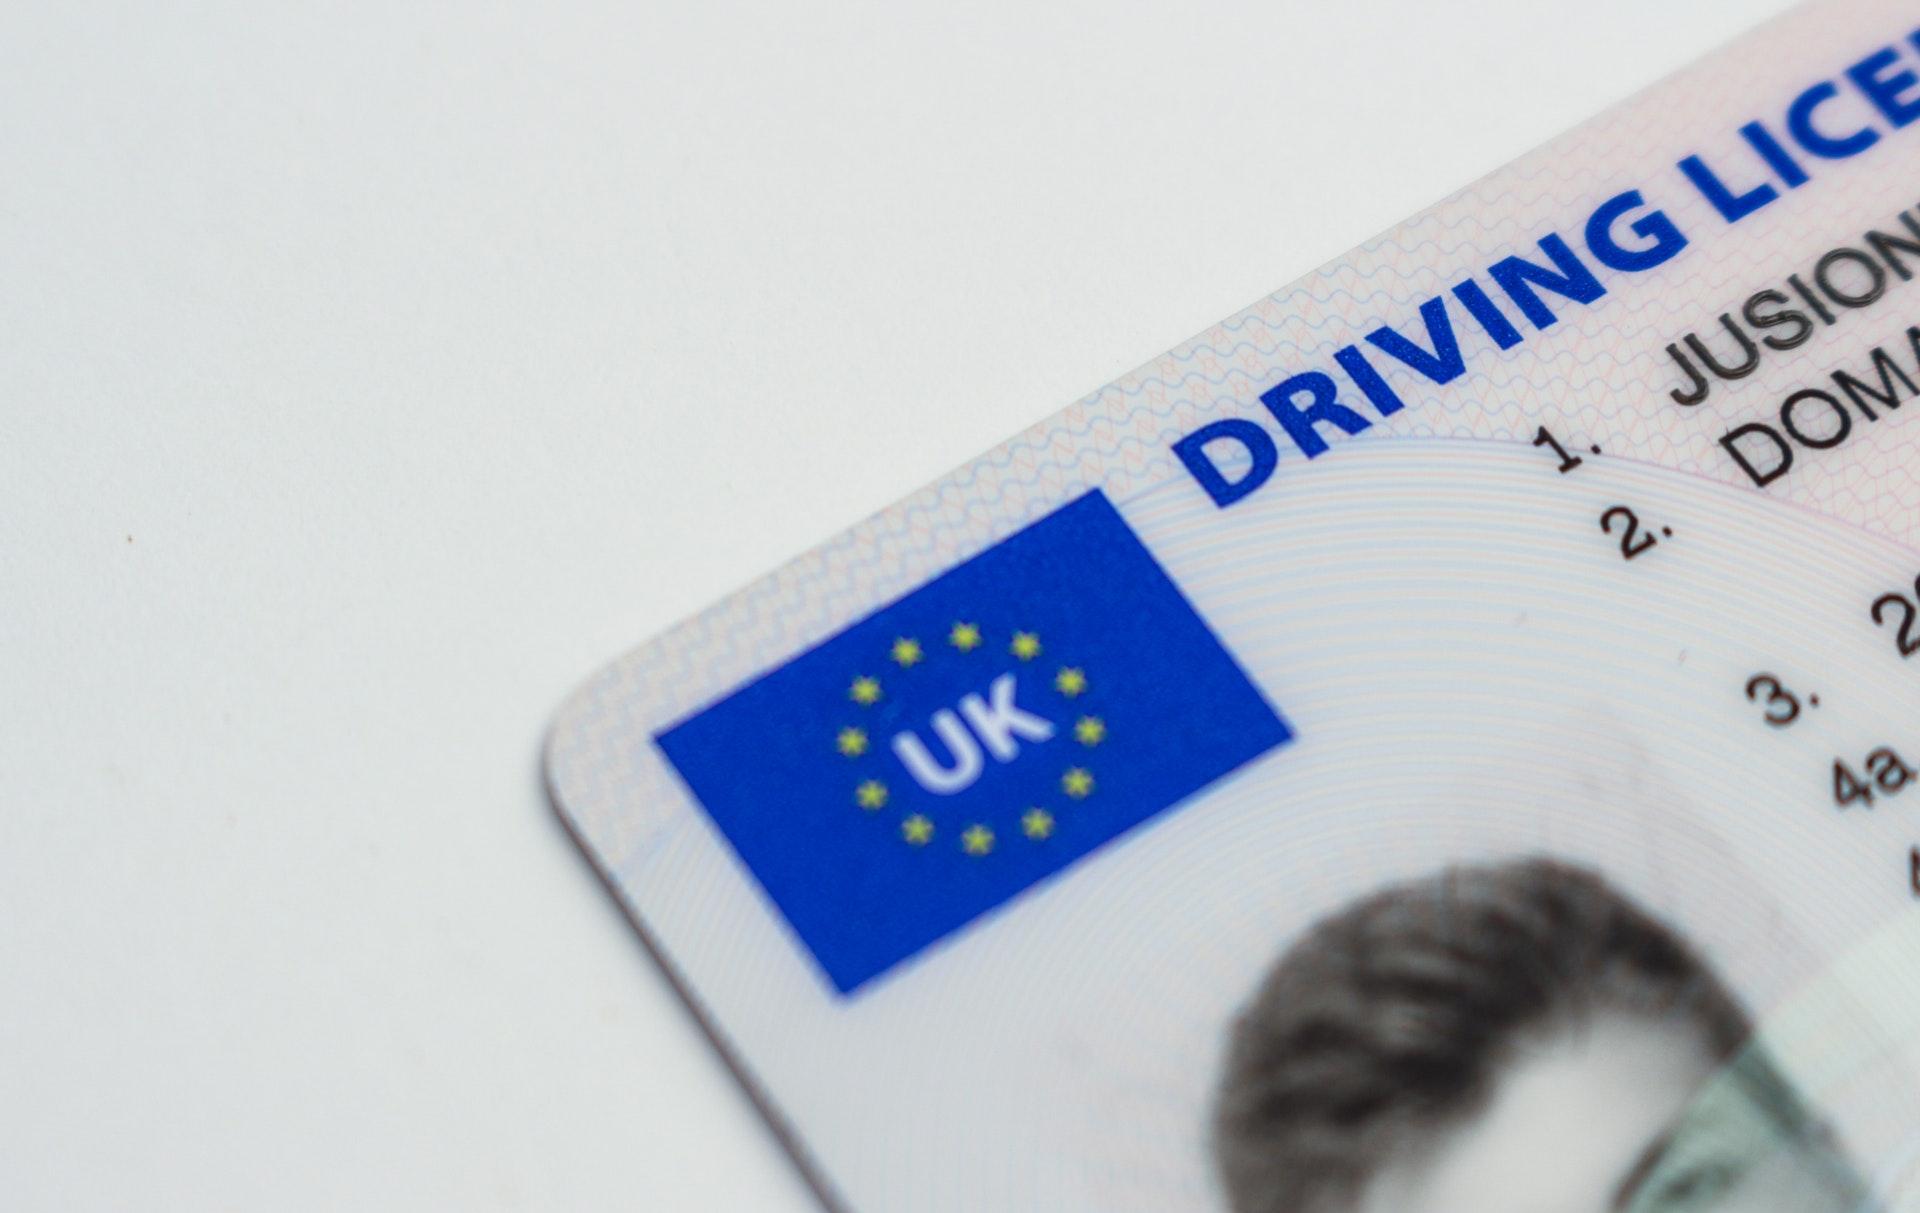 kørekort, bil, bilist, kørsel, køre, trafik